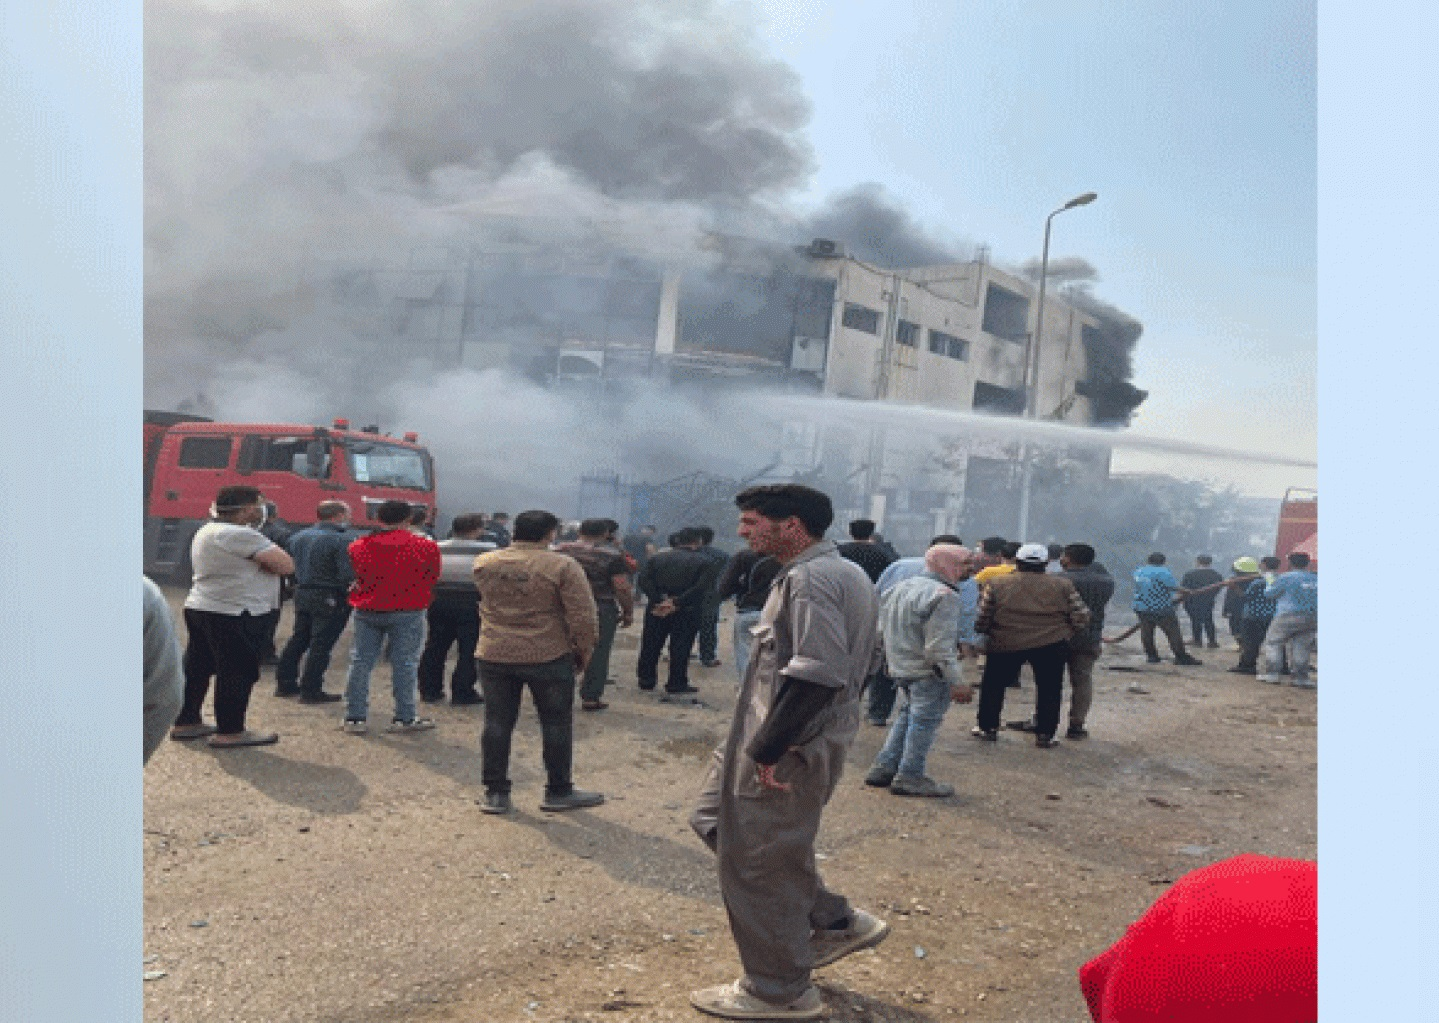 حريق مصنع ملابس العبور ومصرع 20 شخصا حتى الآن